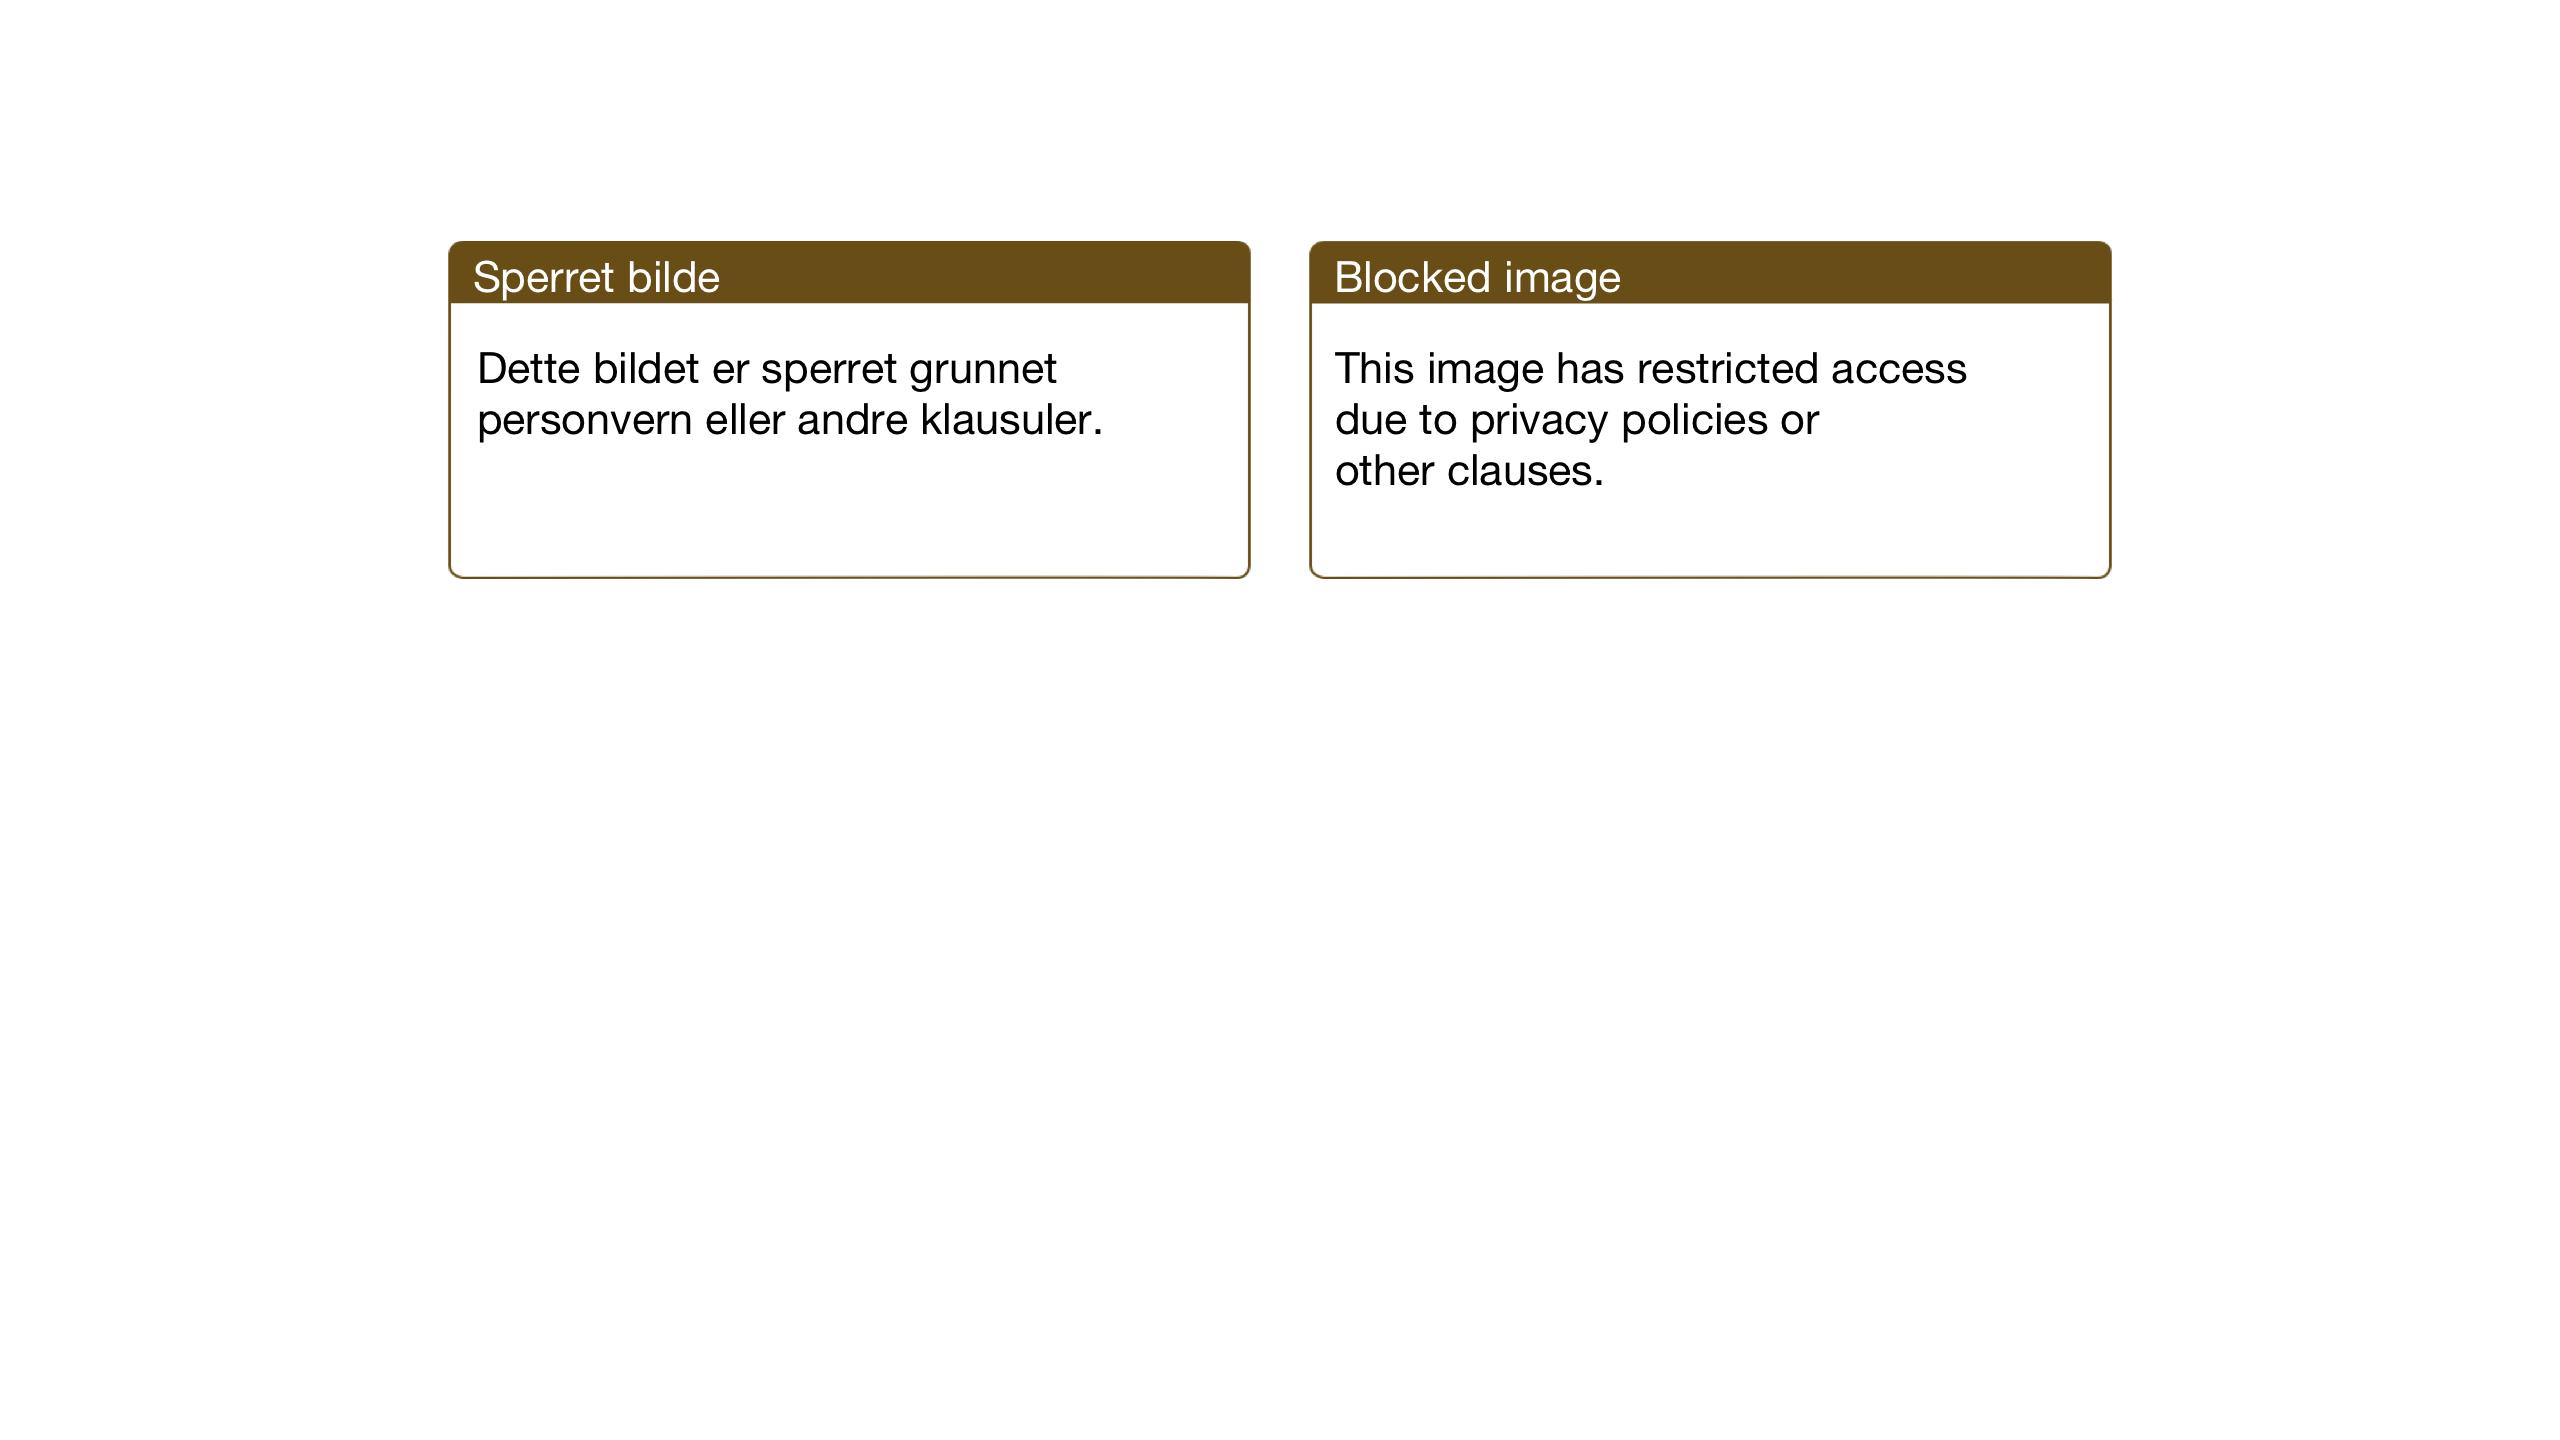 SAT, Ministerialprotokoller, klokkerbøker og fødselsregistre - Nord-Trøndelag, 740/L0384: Klokkerbok nr. 740C05, 1939-1946, s. 16